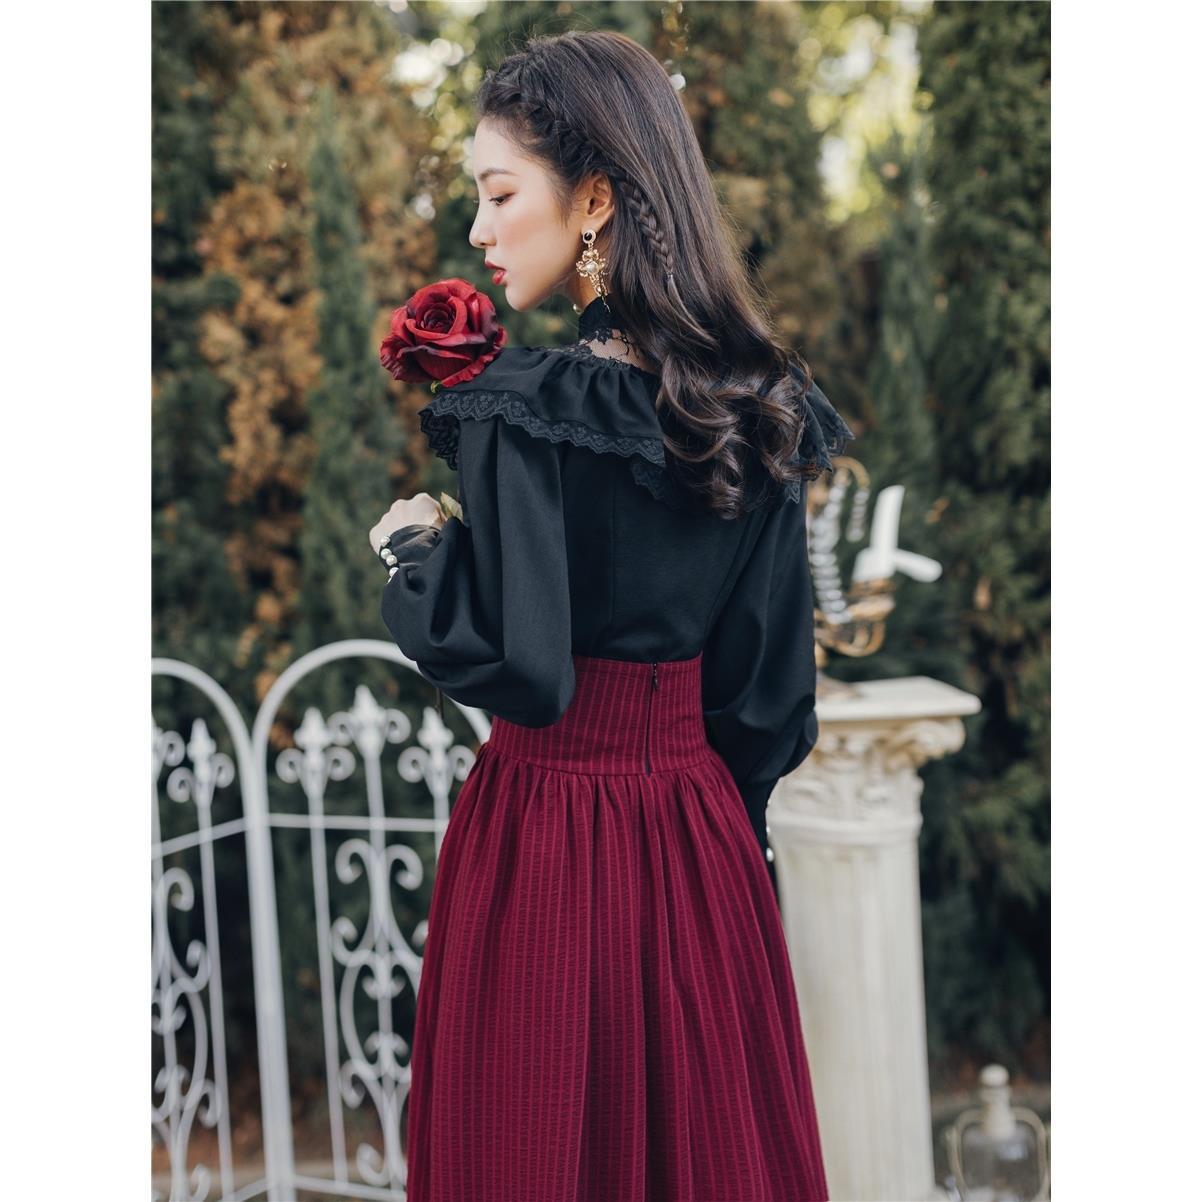 2021 ربيع جديد المرأة فستان ريترو المحكمة نمط قميص أسود مع تنورة طويلة اثنين دعوى الاجتماع السنوي Argyle مجموعة ملابس الشاطئ